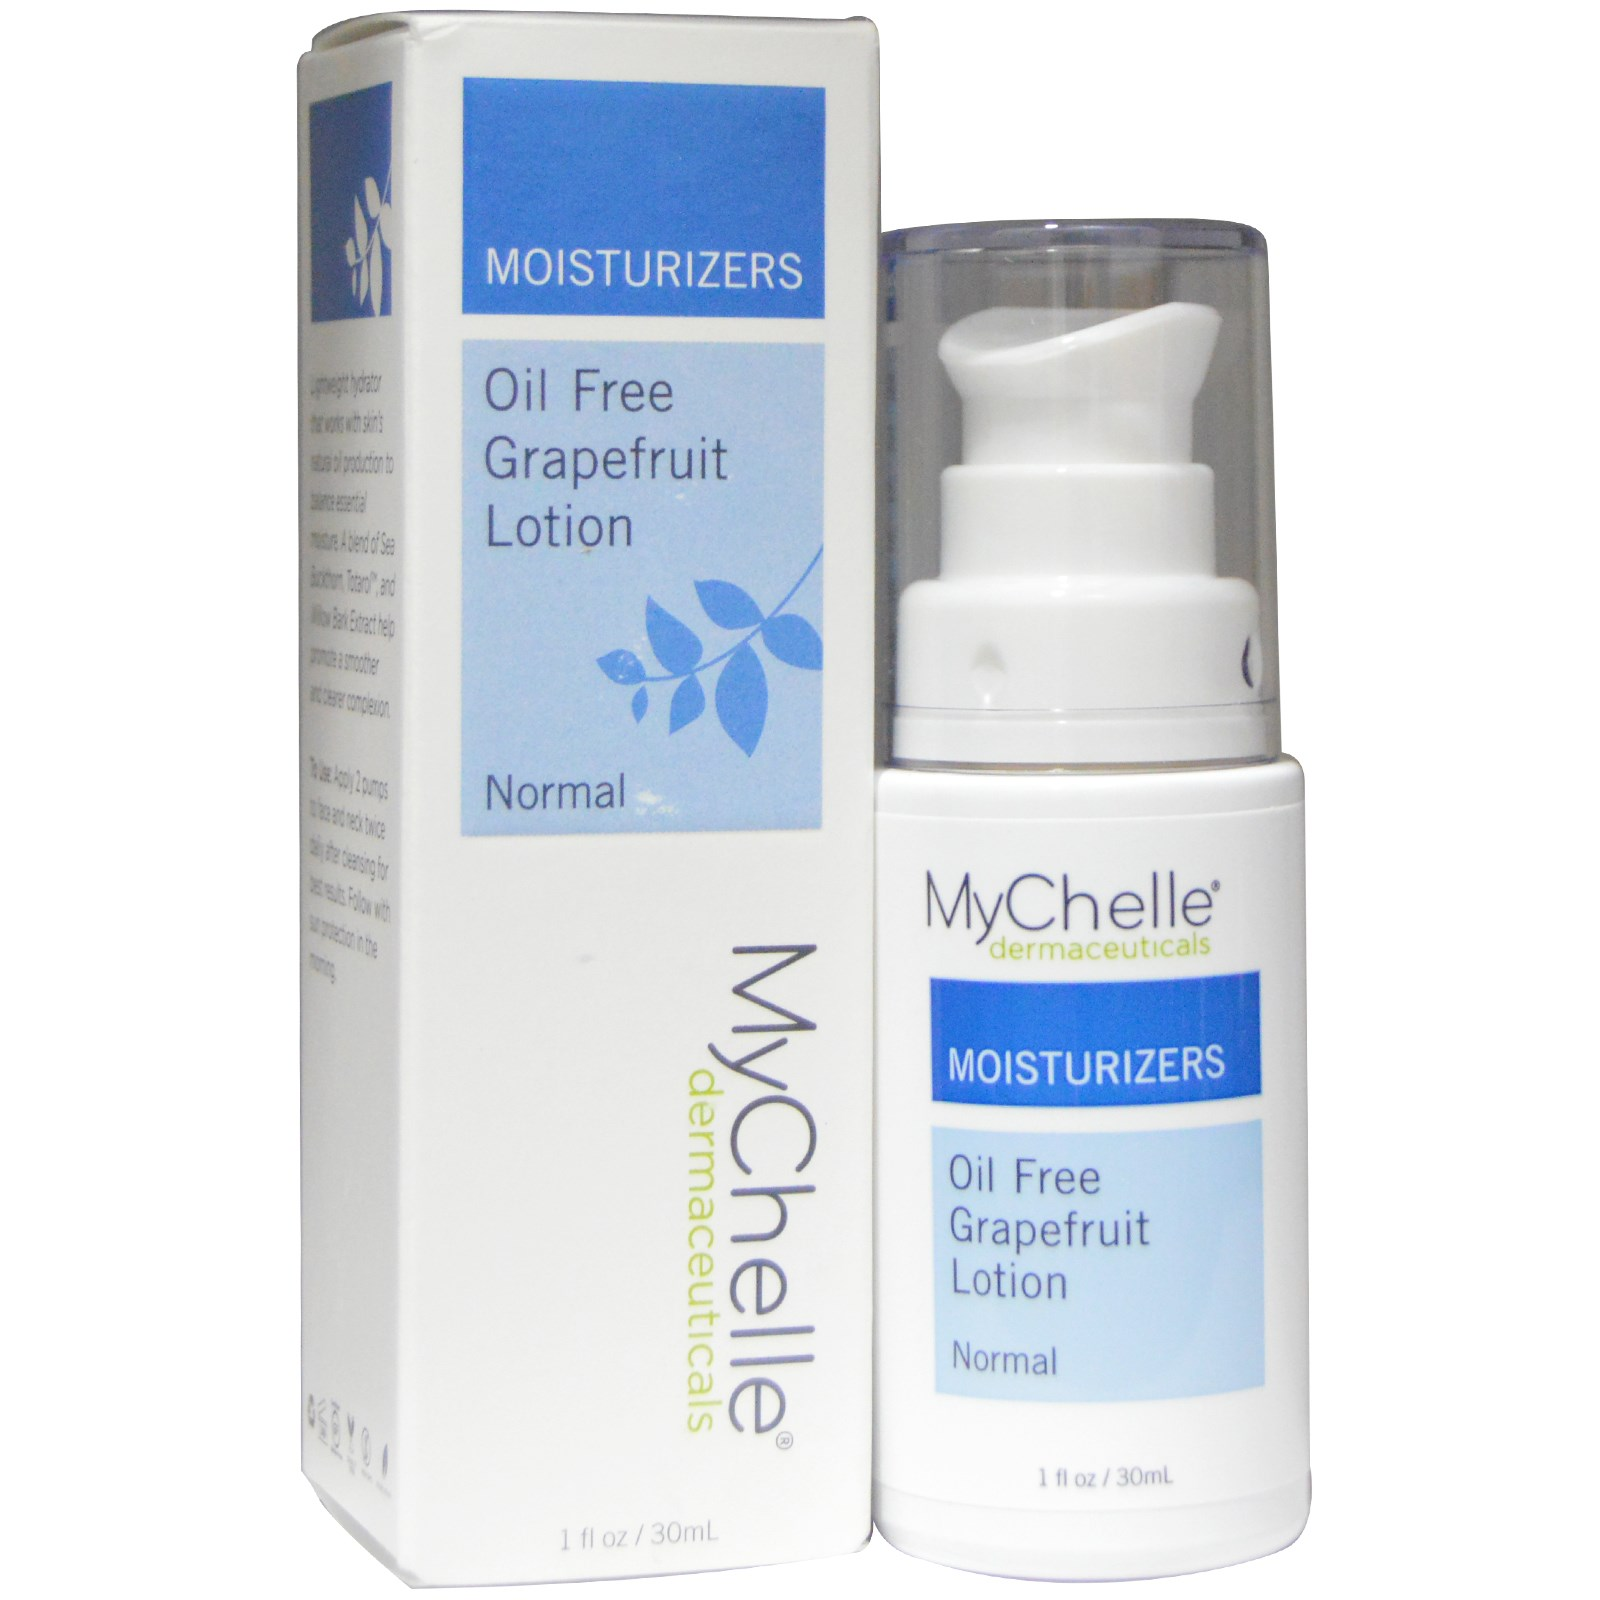 MyChelle Dermaceuticals, Грейпфрутовый лосьон без масла, для нормальной кожи, 30 мл